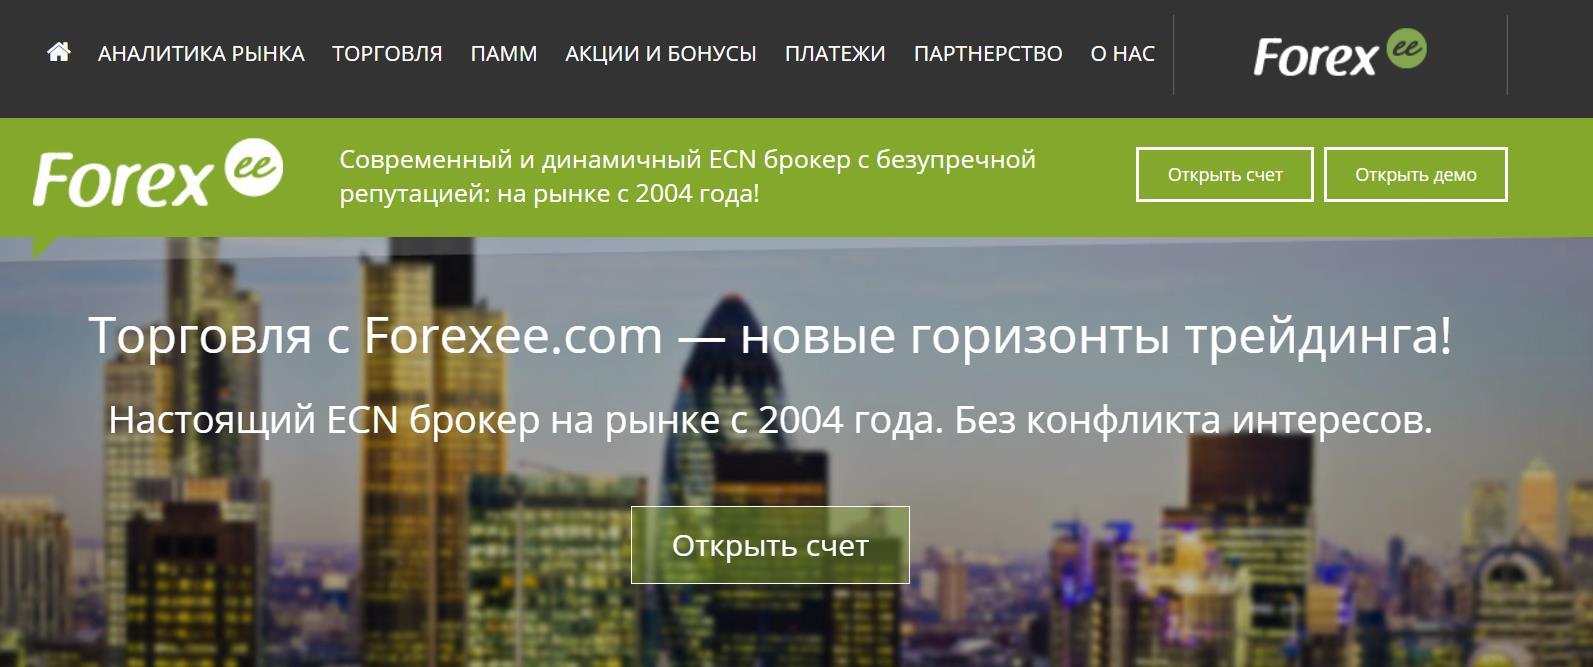 правдивый обзор forex.ee